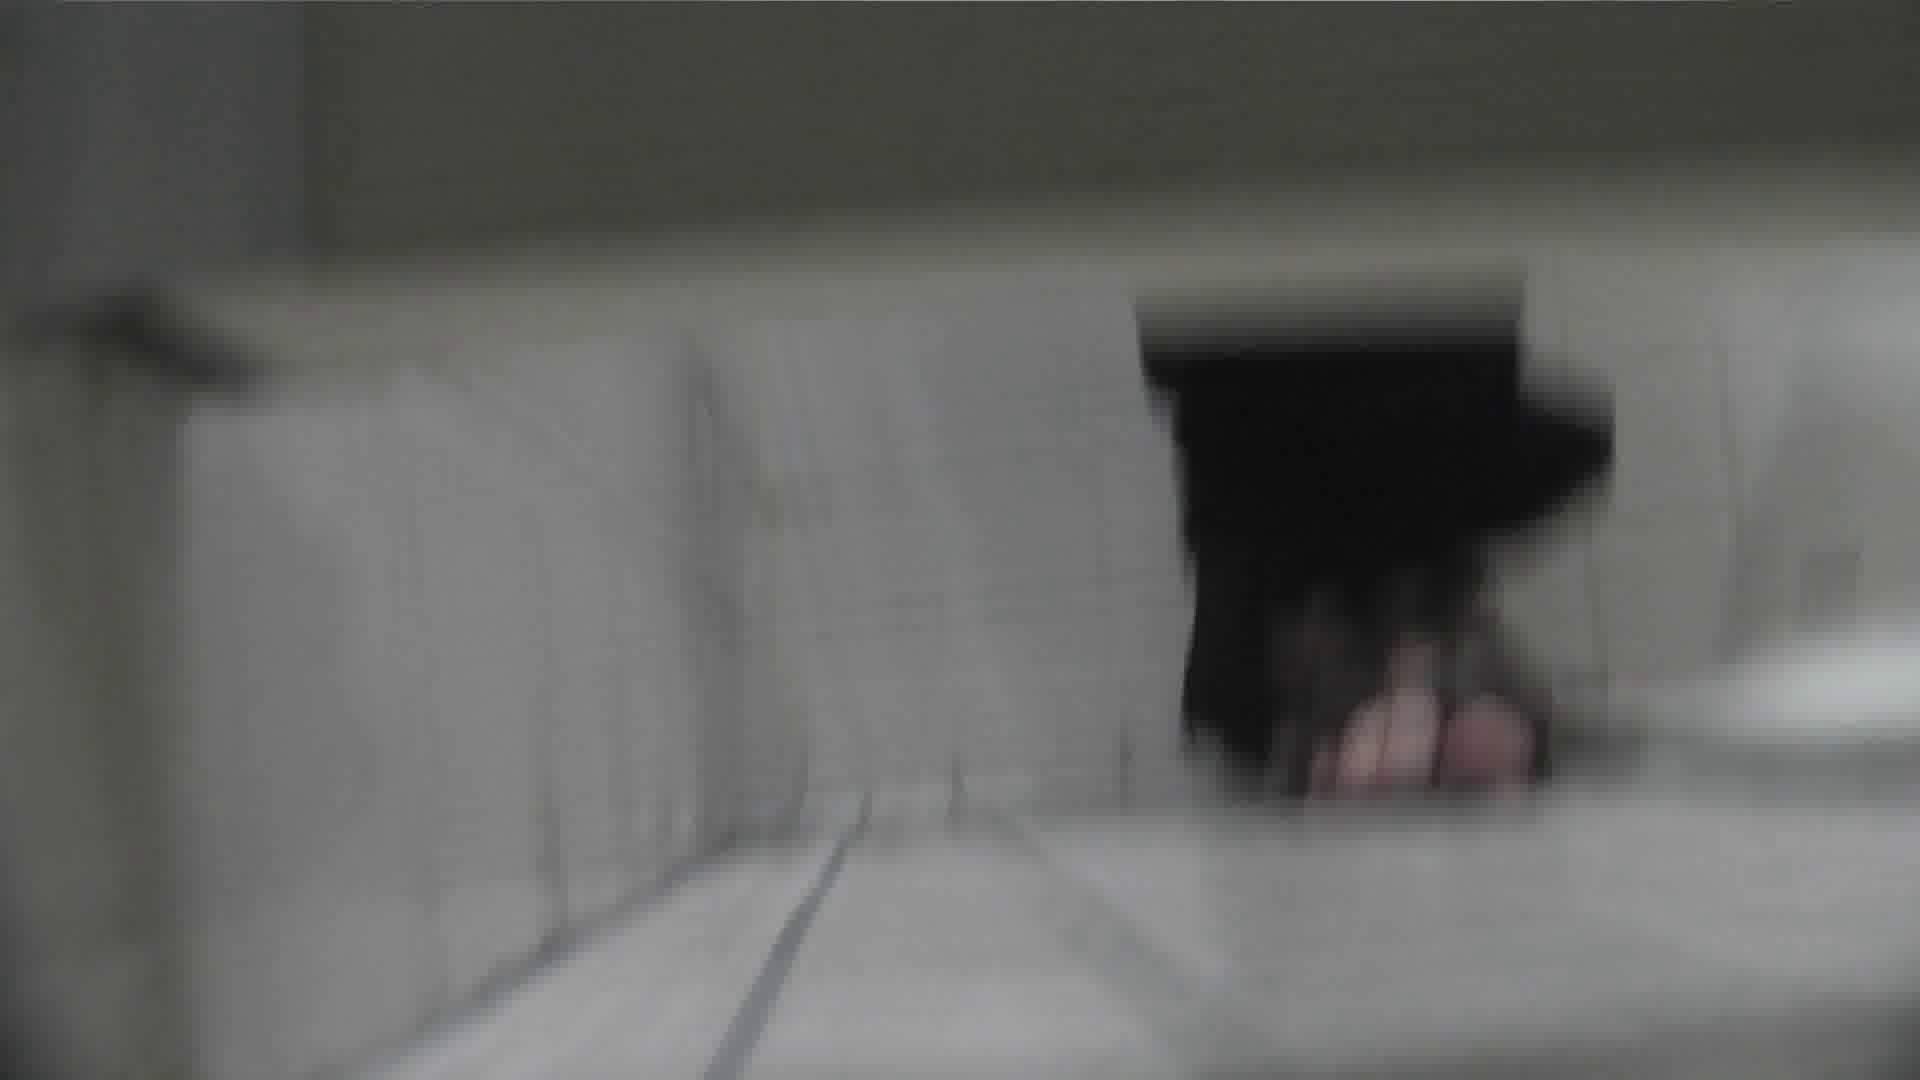 vol.28 命がけ潜伏洗面所! ∑(゚Д゚)アッ! エロティックなOL   洗面所はめどり  106画像 45